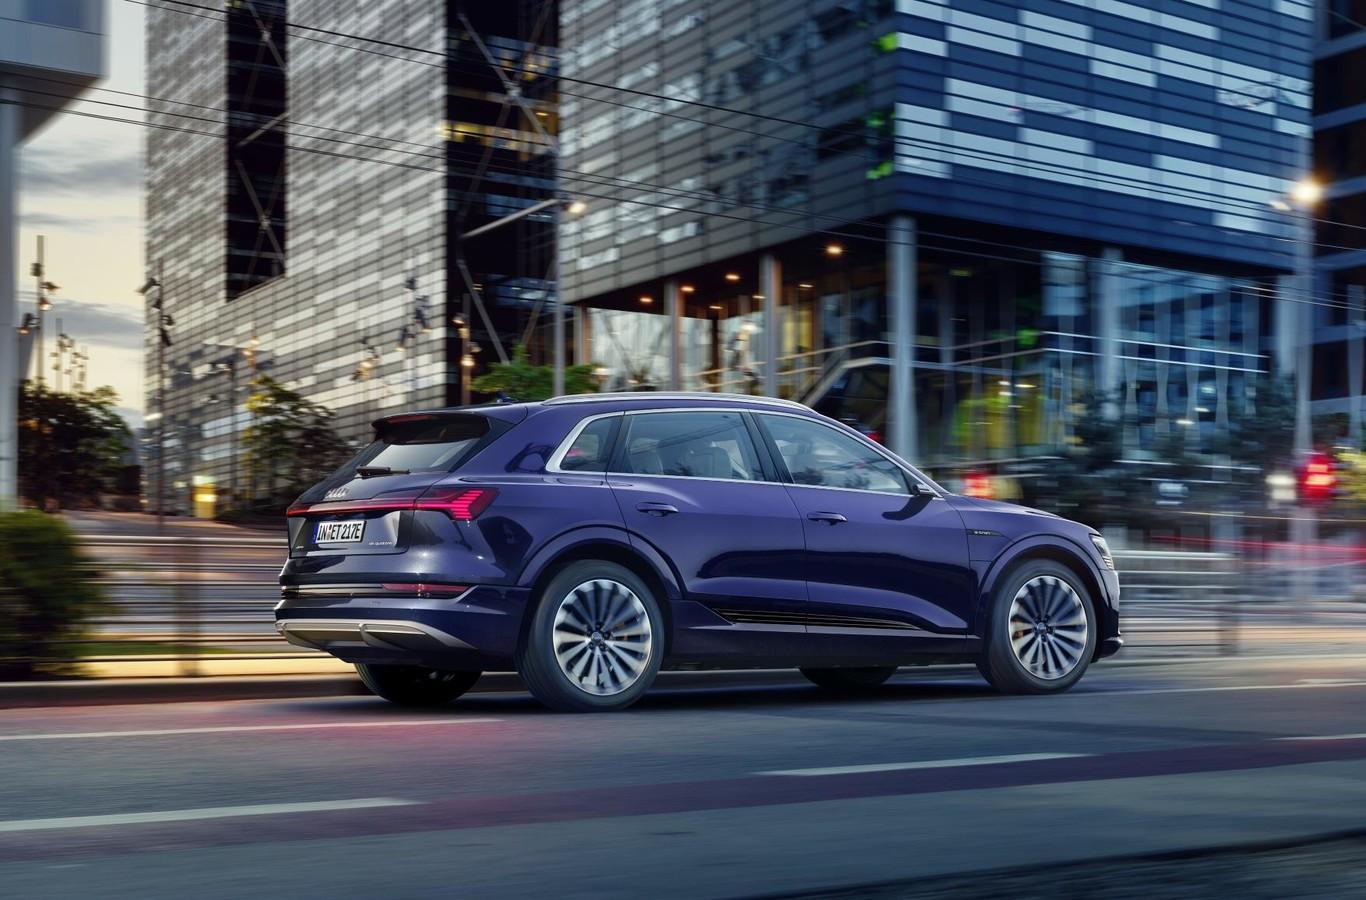 El Audi e-tron recibe una actualización y aumenta su autonomía con 25 km adicionales